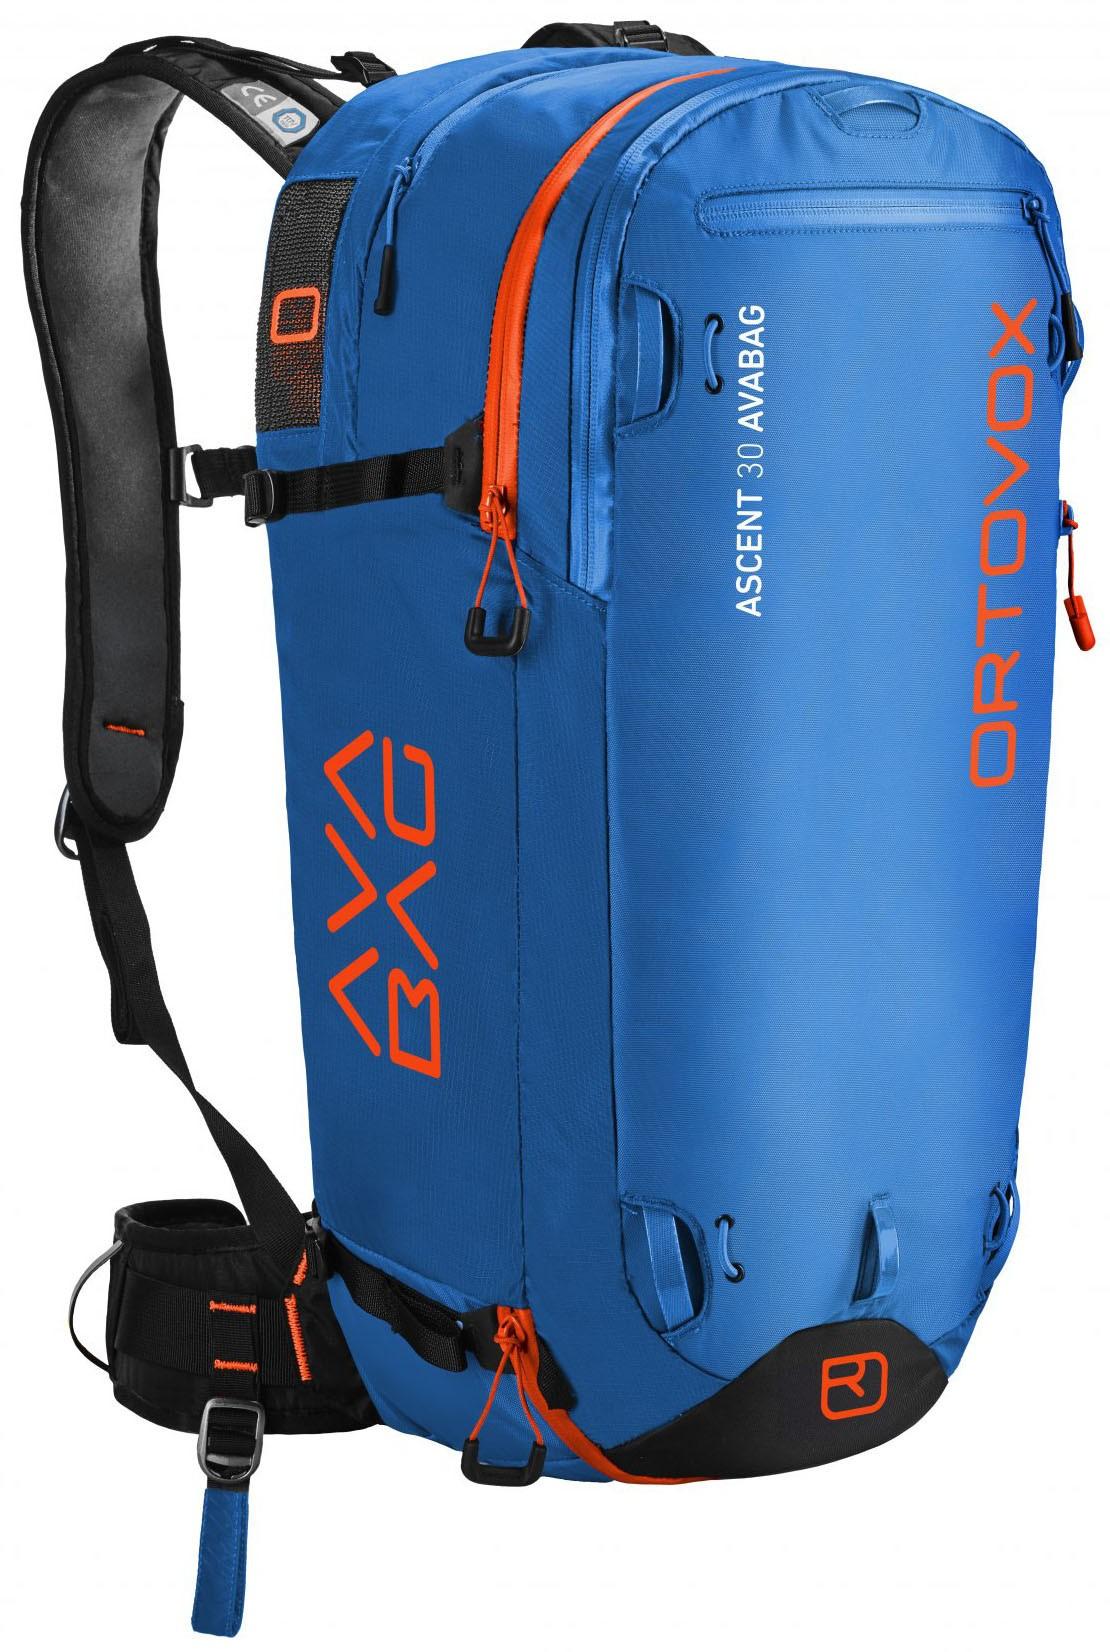 Ortovox Ascent 30 Avabag Kit safety blue 18/19 Barva: modrá, Objem: 30 litrů